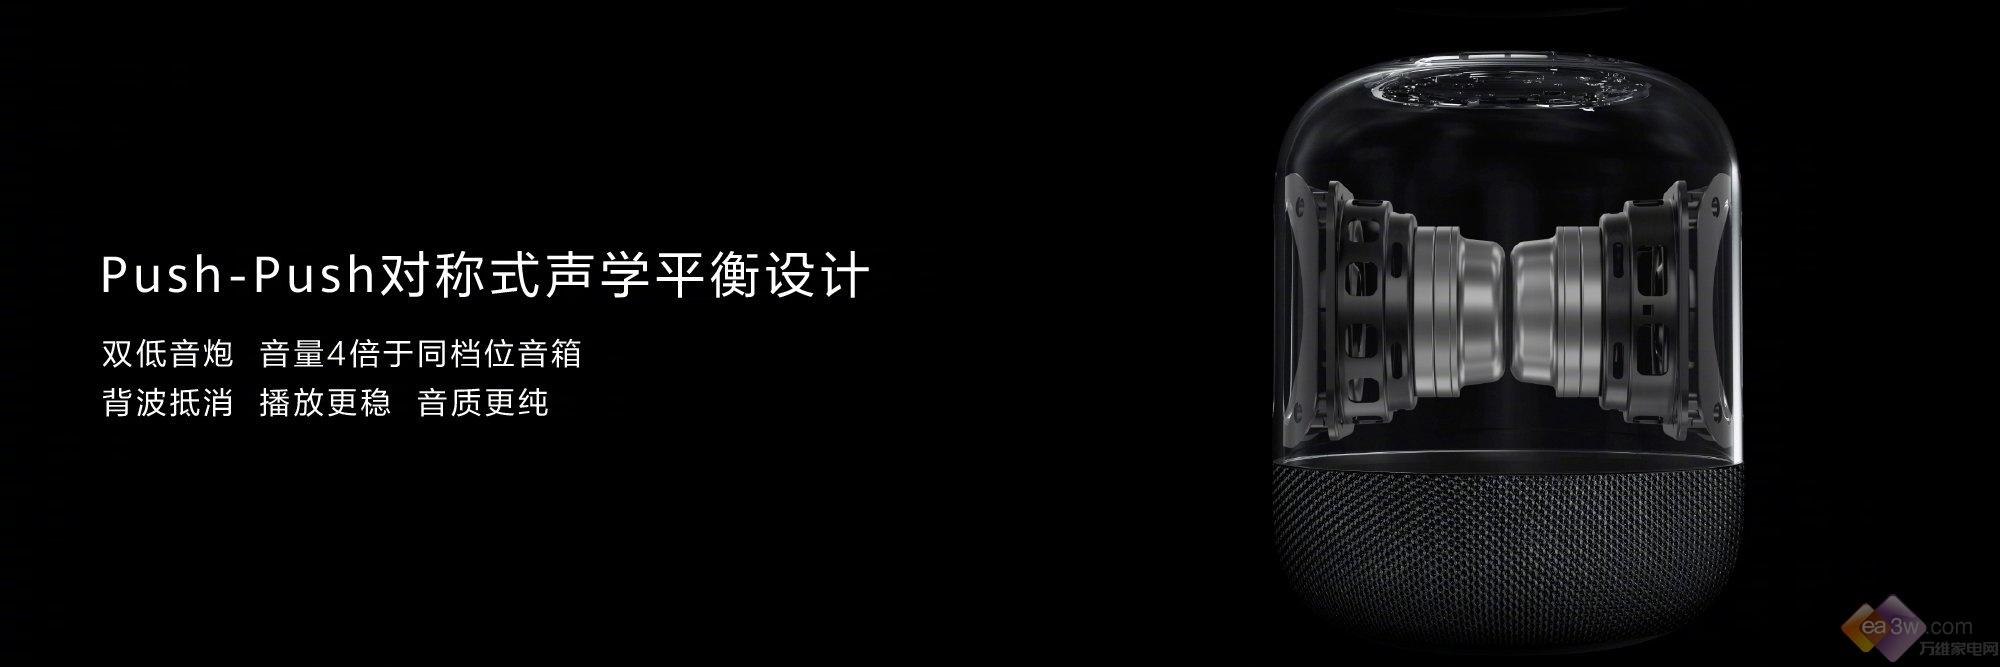 """花1999元买个智能音箱贵? 华为 Sound X告诉你什么叫""""真香"""""""